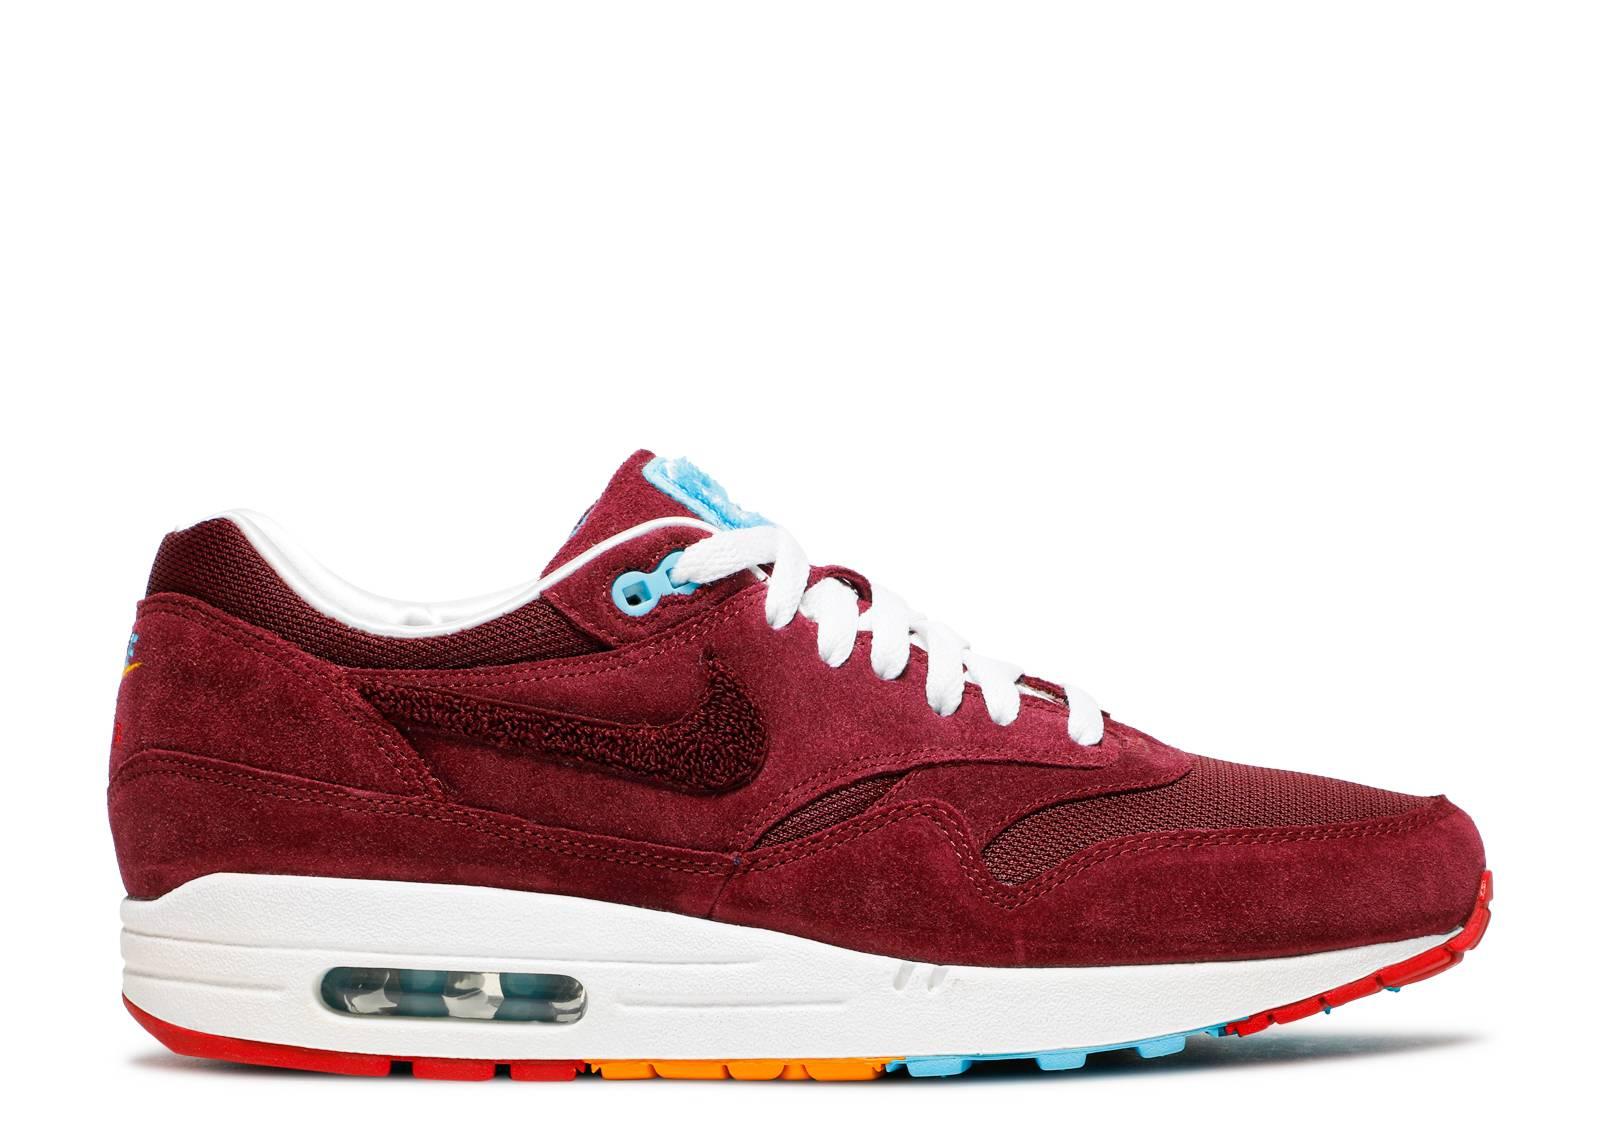 Parra x Patta x Nike Air Max 1 | Nike Sneaker | Sneakers